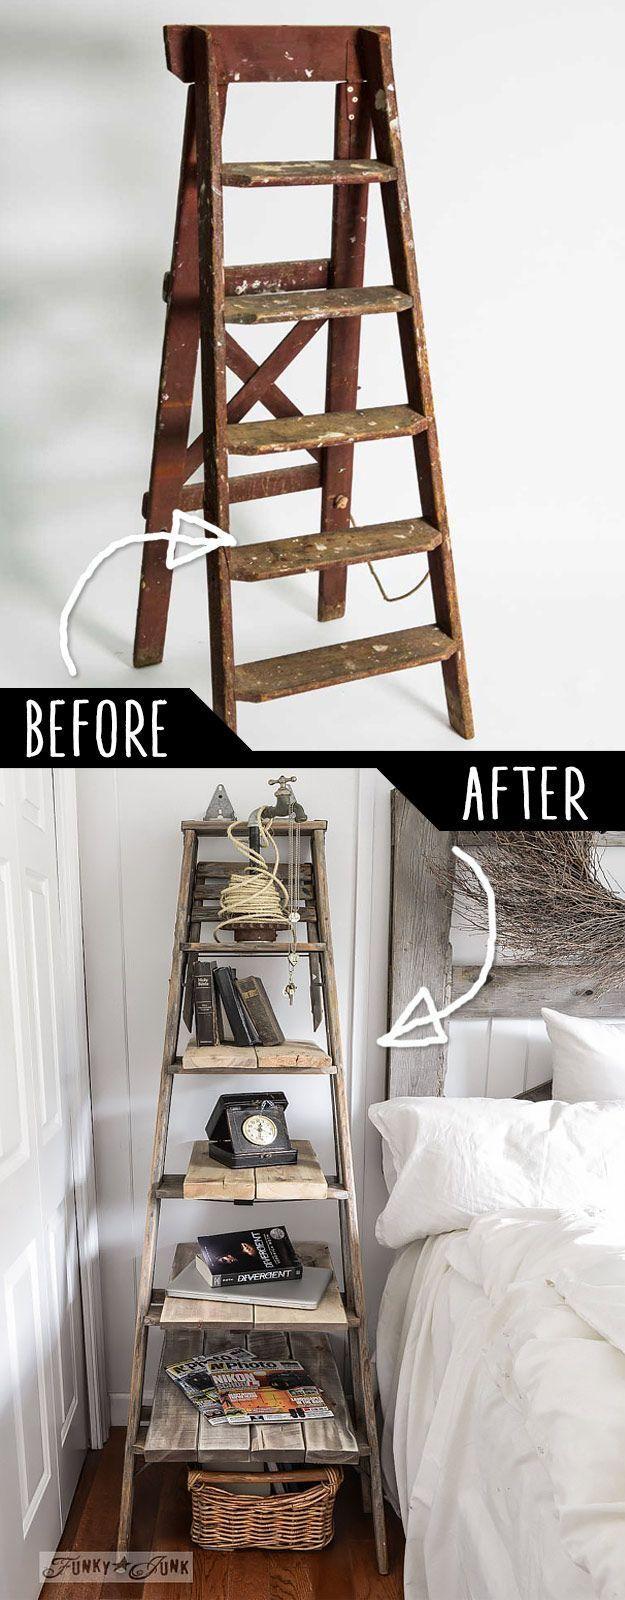 die besten 25 leiterregal ikea ideen auf pinterest ikea leiter ikea leiter regal und. Black Bedroom Furniture Sets. Home Design Ideas